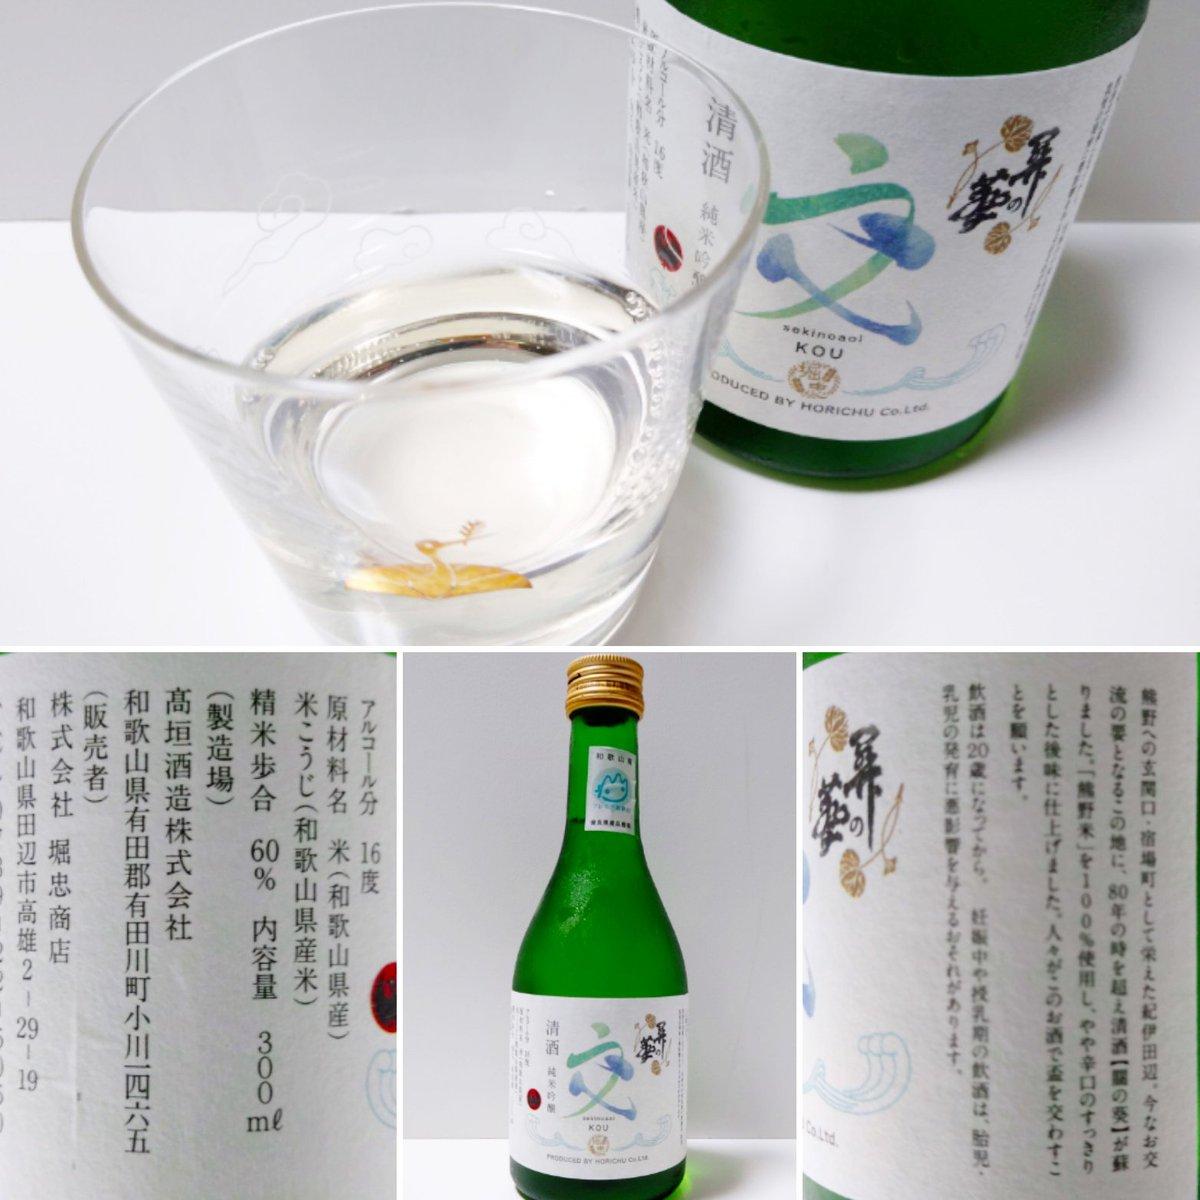 test ツイッターメディア - 關の葵 交(せきのあおい こう) 純米吟醸 熊野米!  こちら、ご存知でしょうか?  和歌山は田辺の堀忠商店さんのPBなんですが、  醸造はなんと、あの龍神丸で有名な高垣酒造さんなんです!!  香りはまさに龍神丸のそれ、 味わいは軽快でほんのり甘く、 深い余韻を楽しめます。。  田辺いかなきゃ!!! https://t.co/4bxTaeLr8r